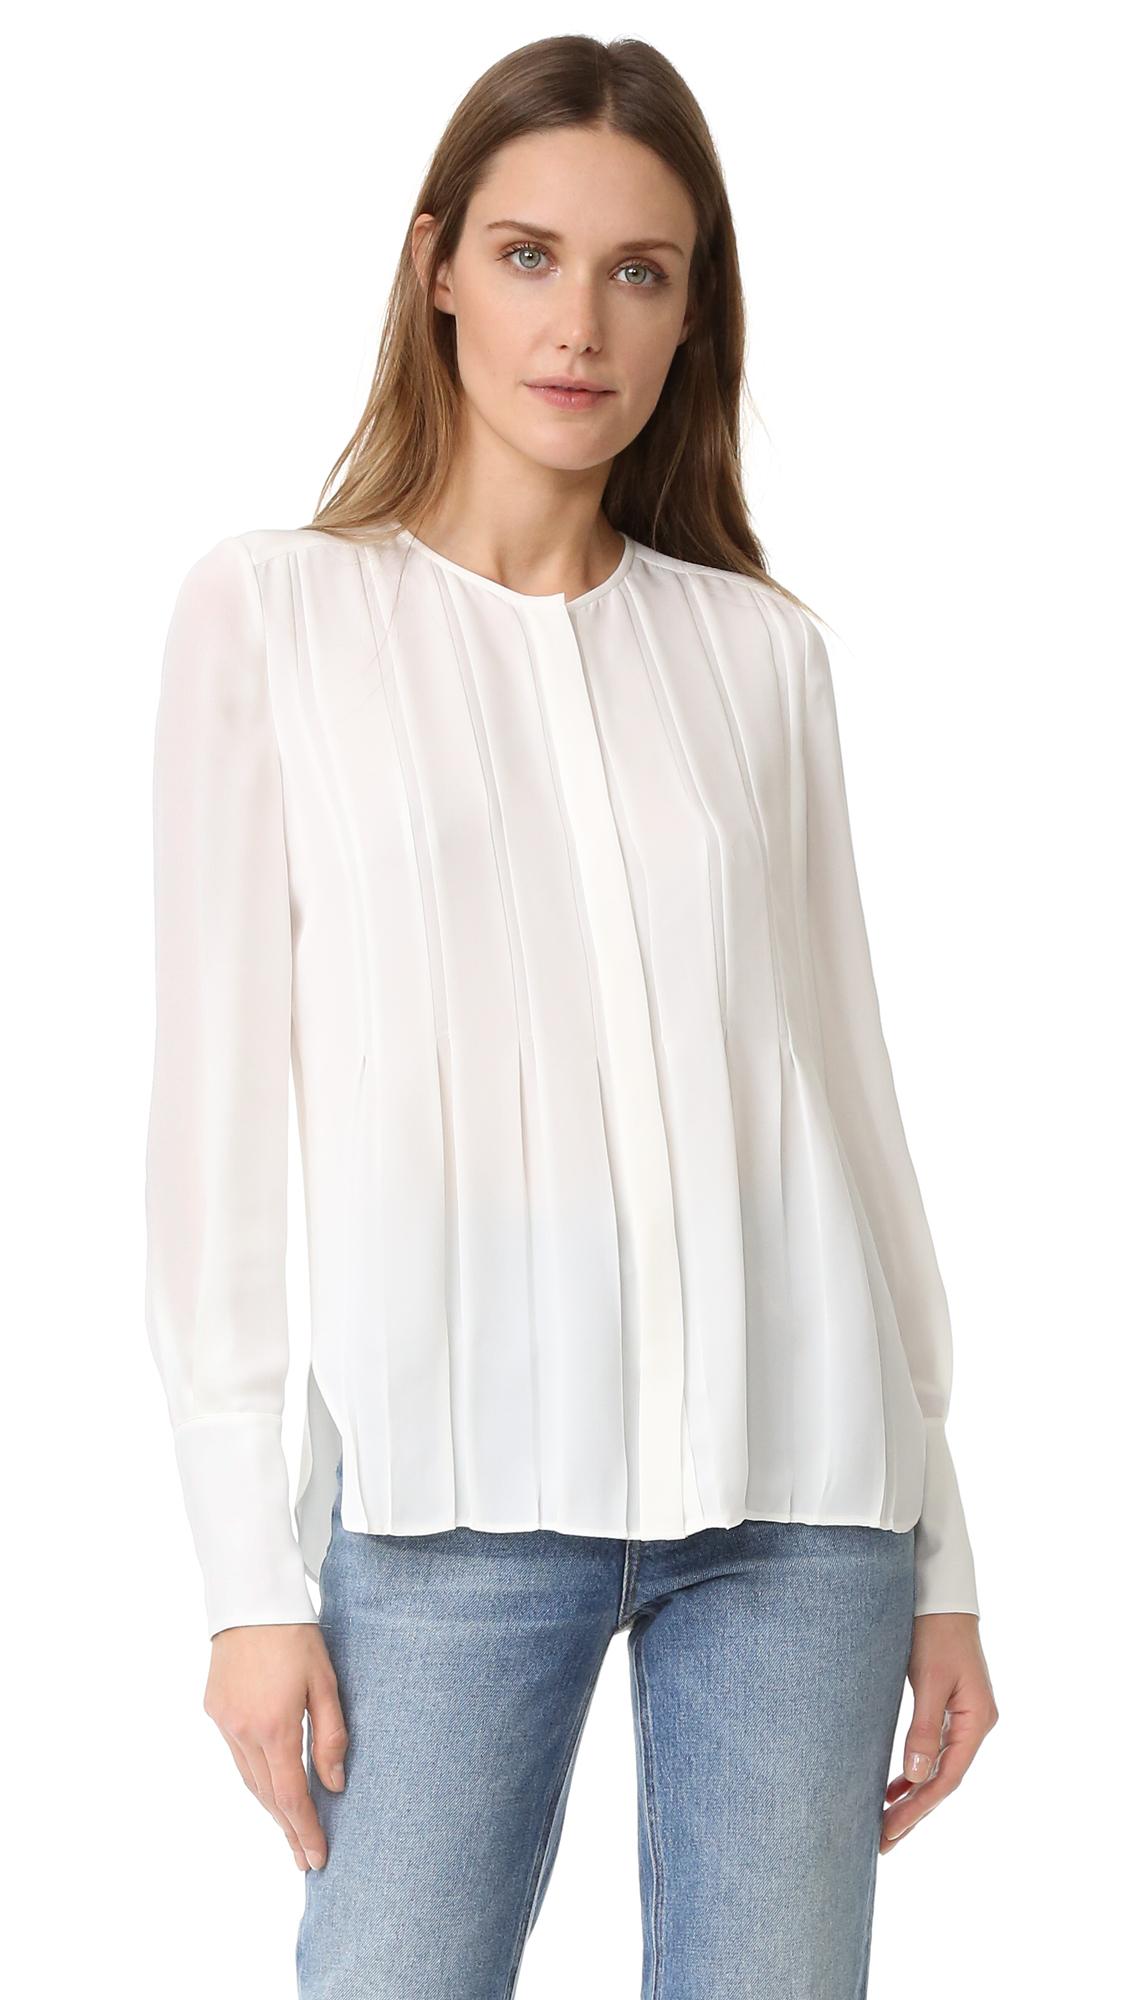 diane von furstenberg female diane von furstenberg vicky blouse ivory